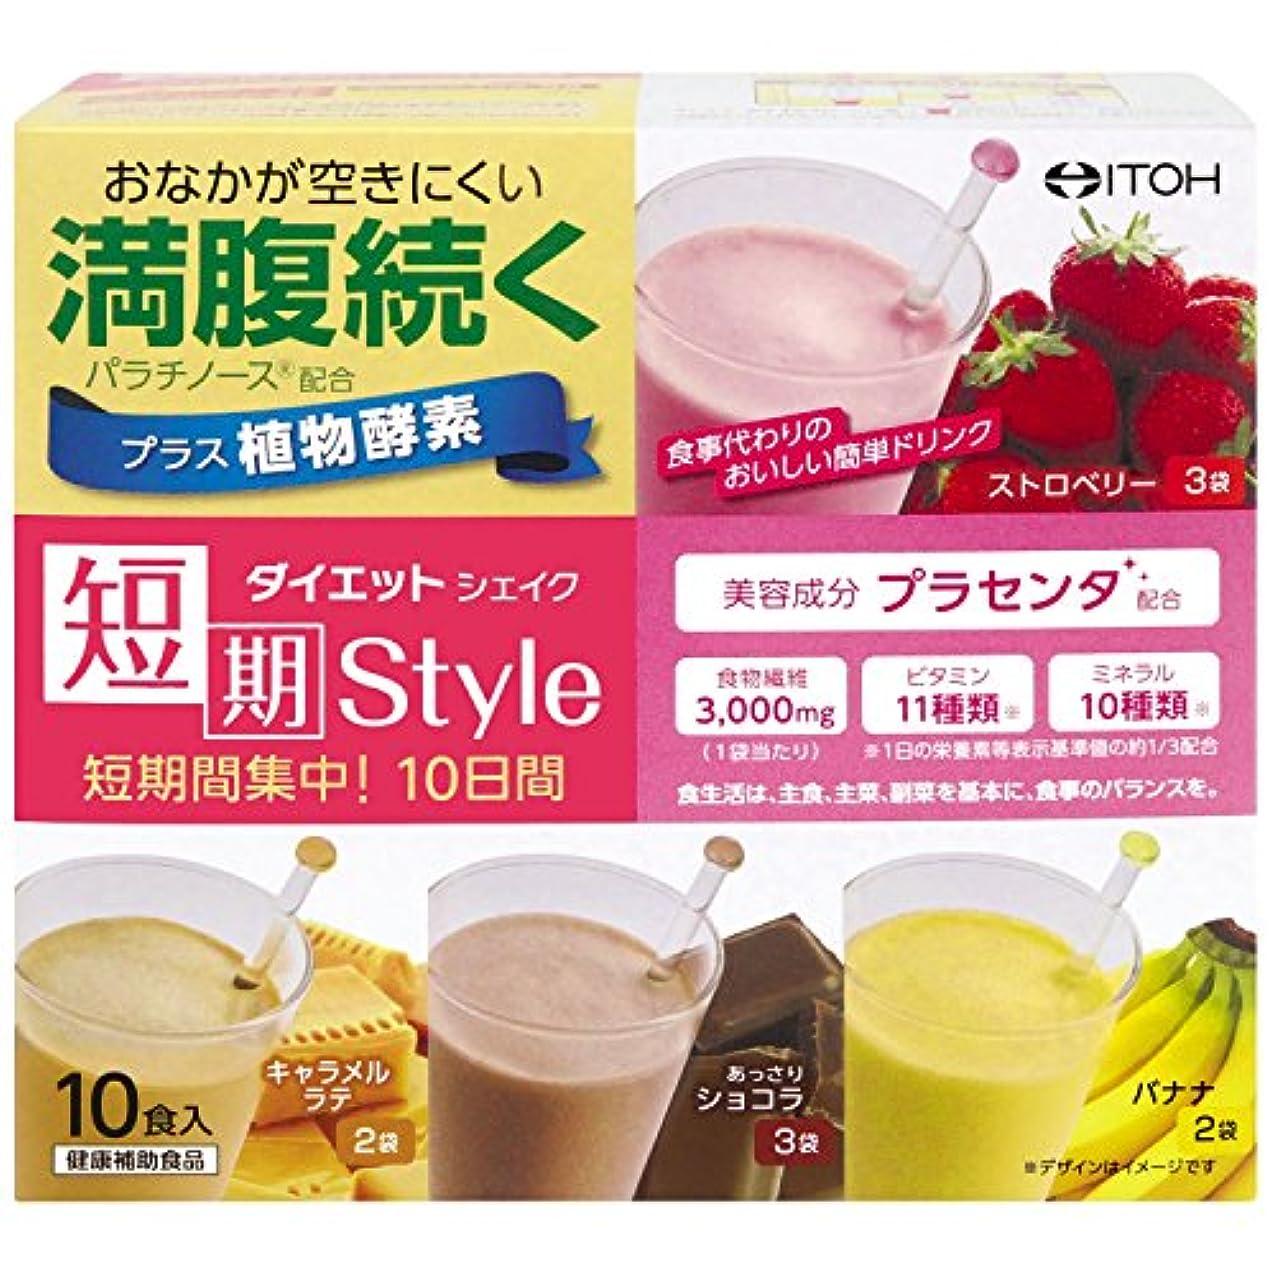 井藤漢方製薬 短期スタイル ダイエットシェイク 25g×10袋